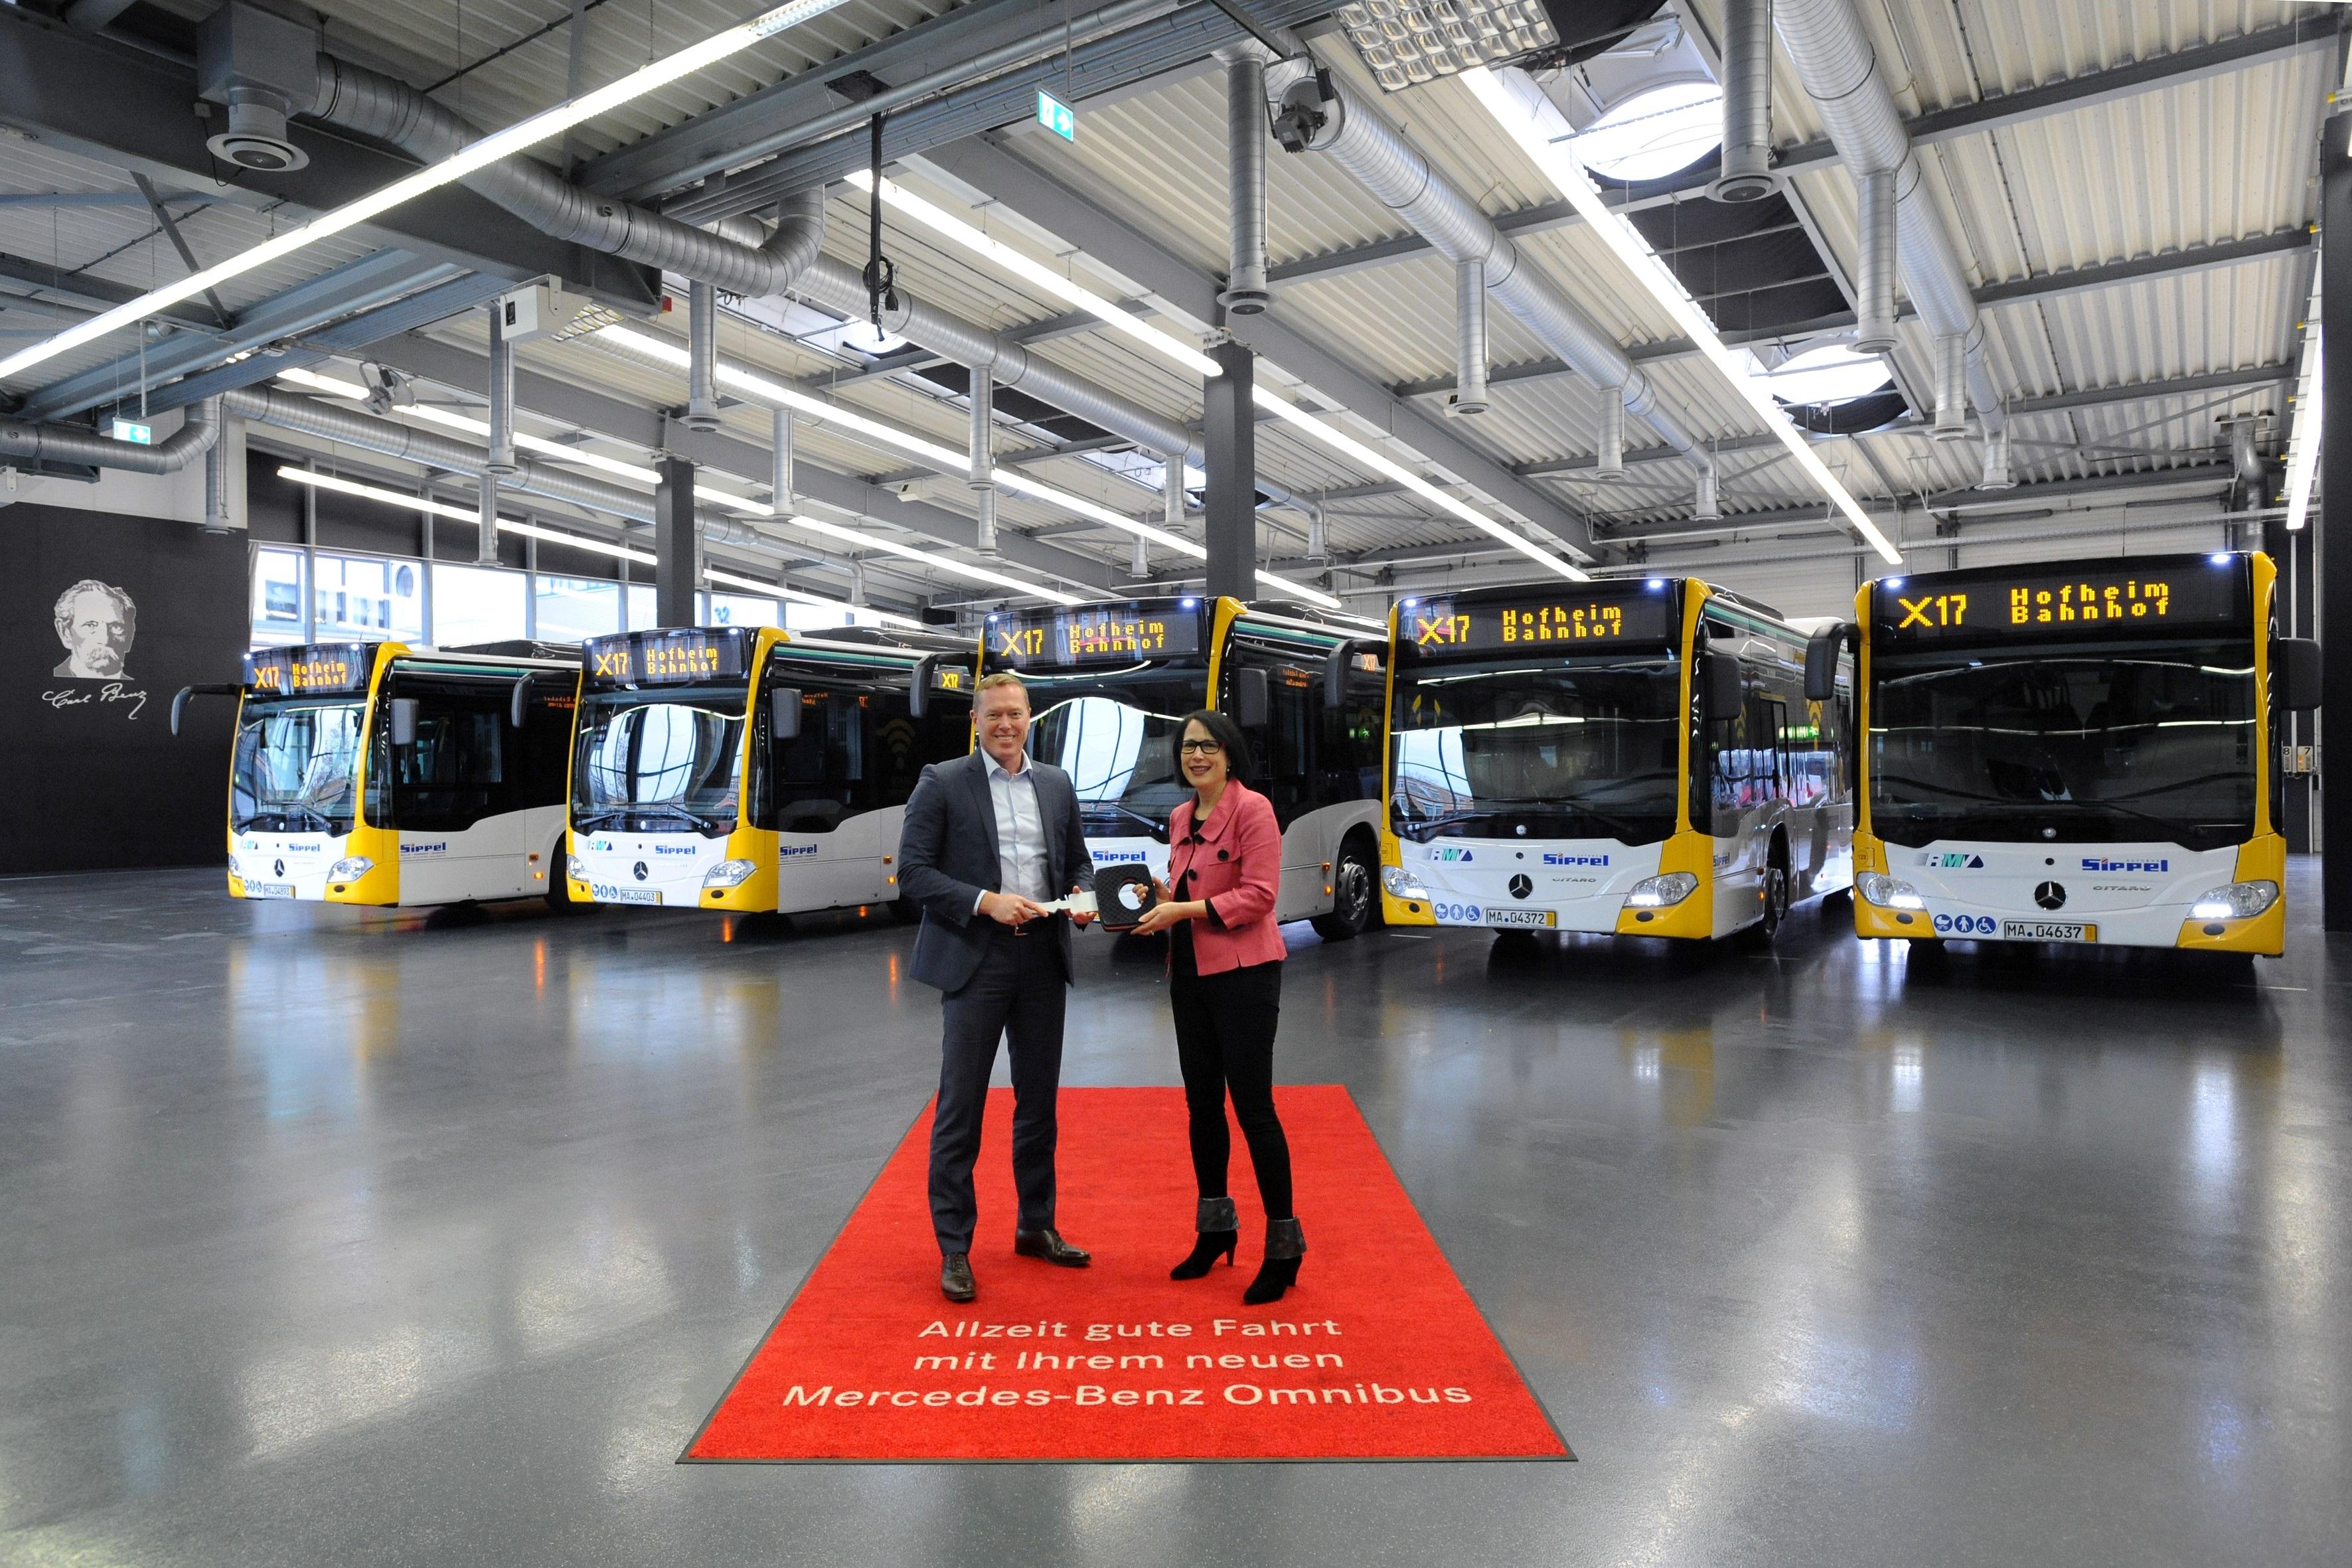 17C1005 - Fünf neue Stadtbusse für Frankfurter Schnellbuslinie